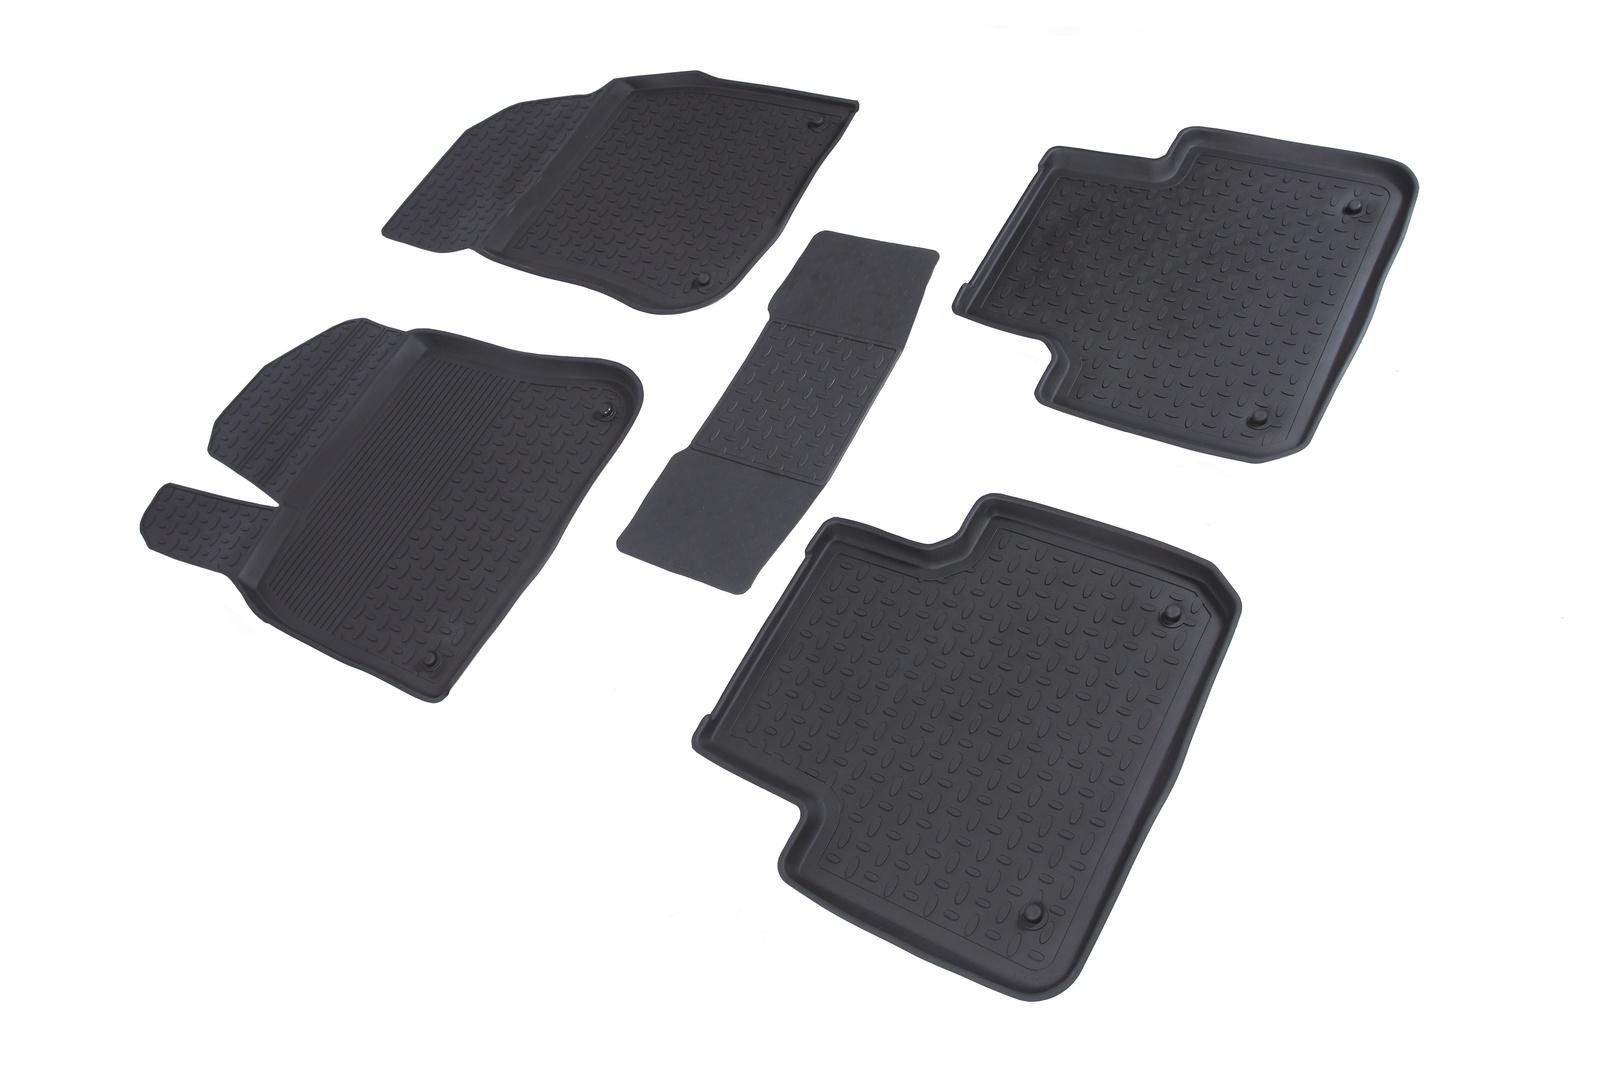 Коврики в салон автомобиля Seintex Резиновые коврики с высоким бортом для KIA Picanto II 2011-2017 недорго, оригинальная цена